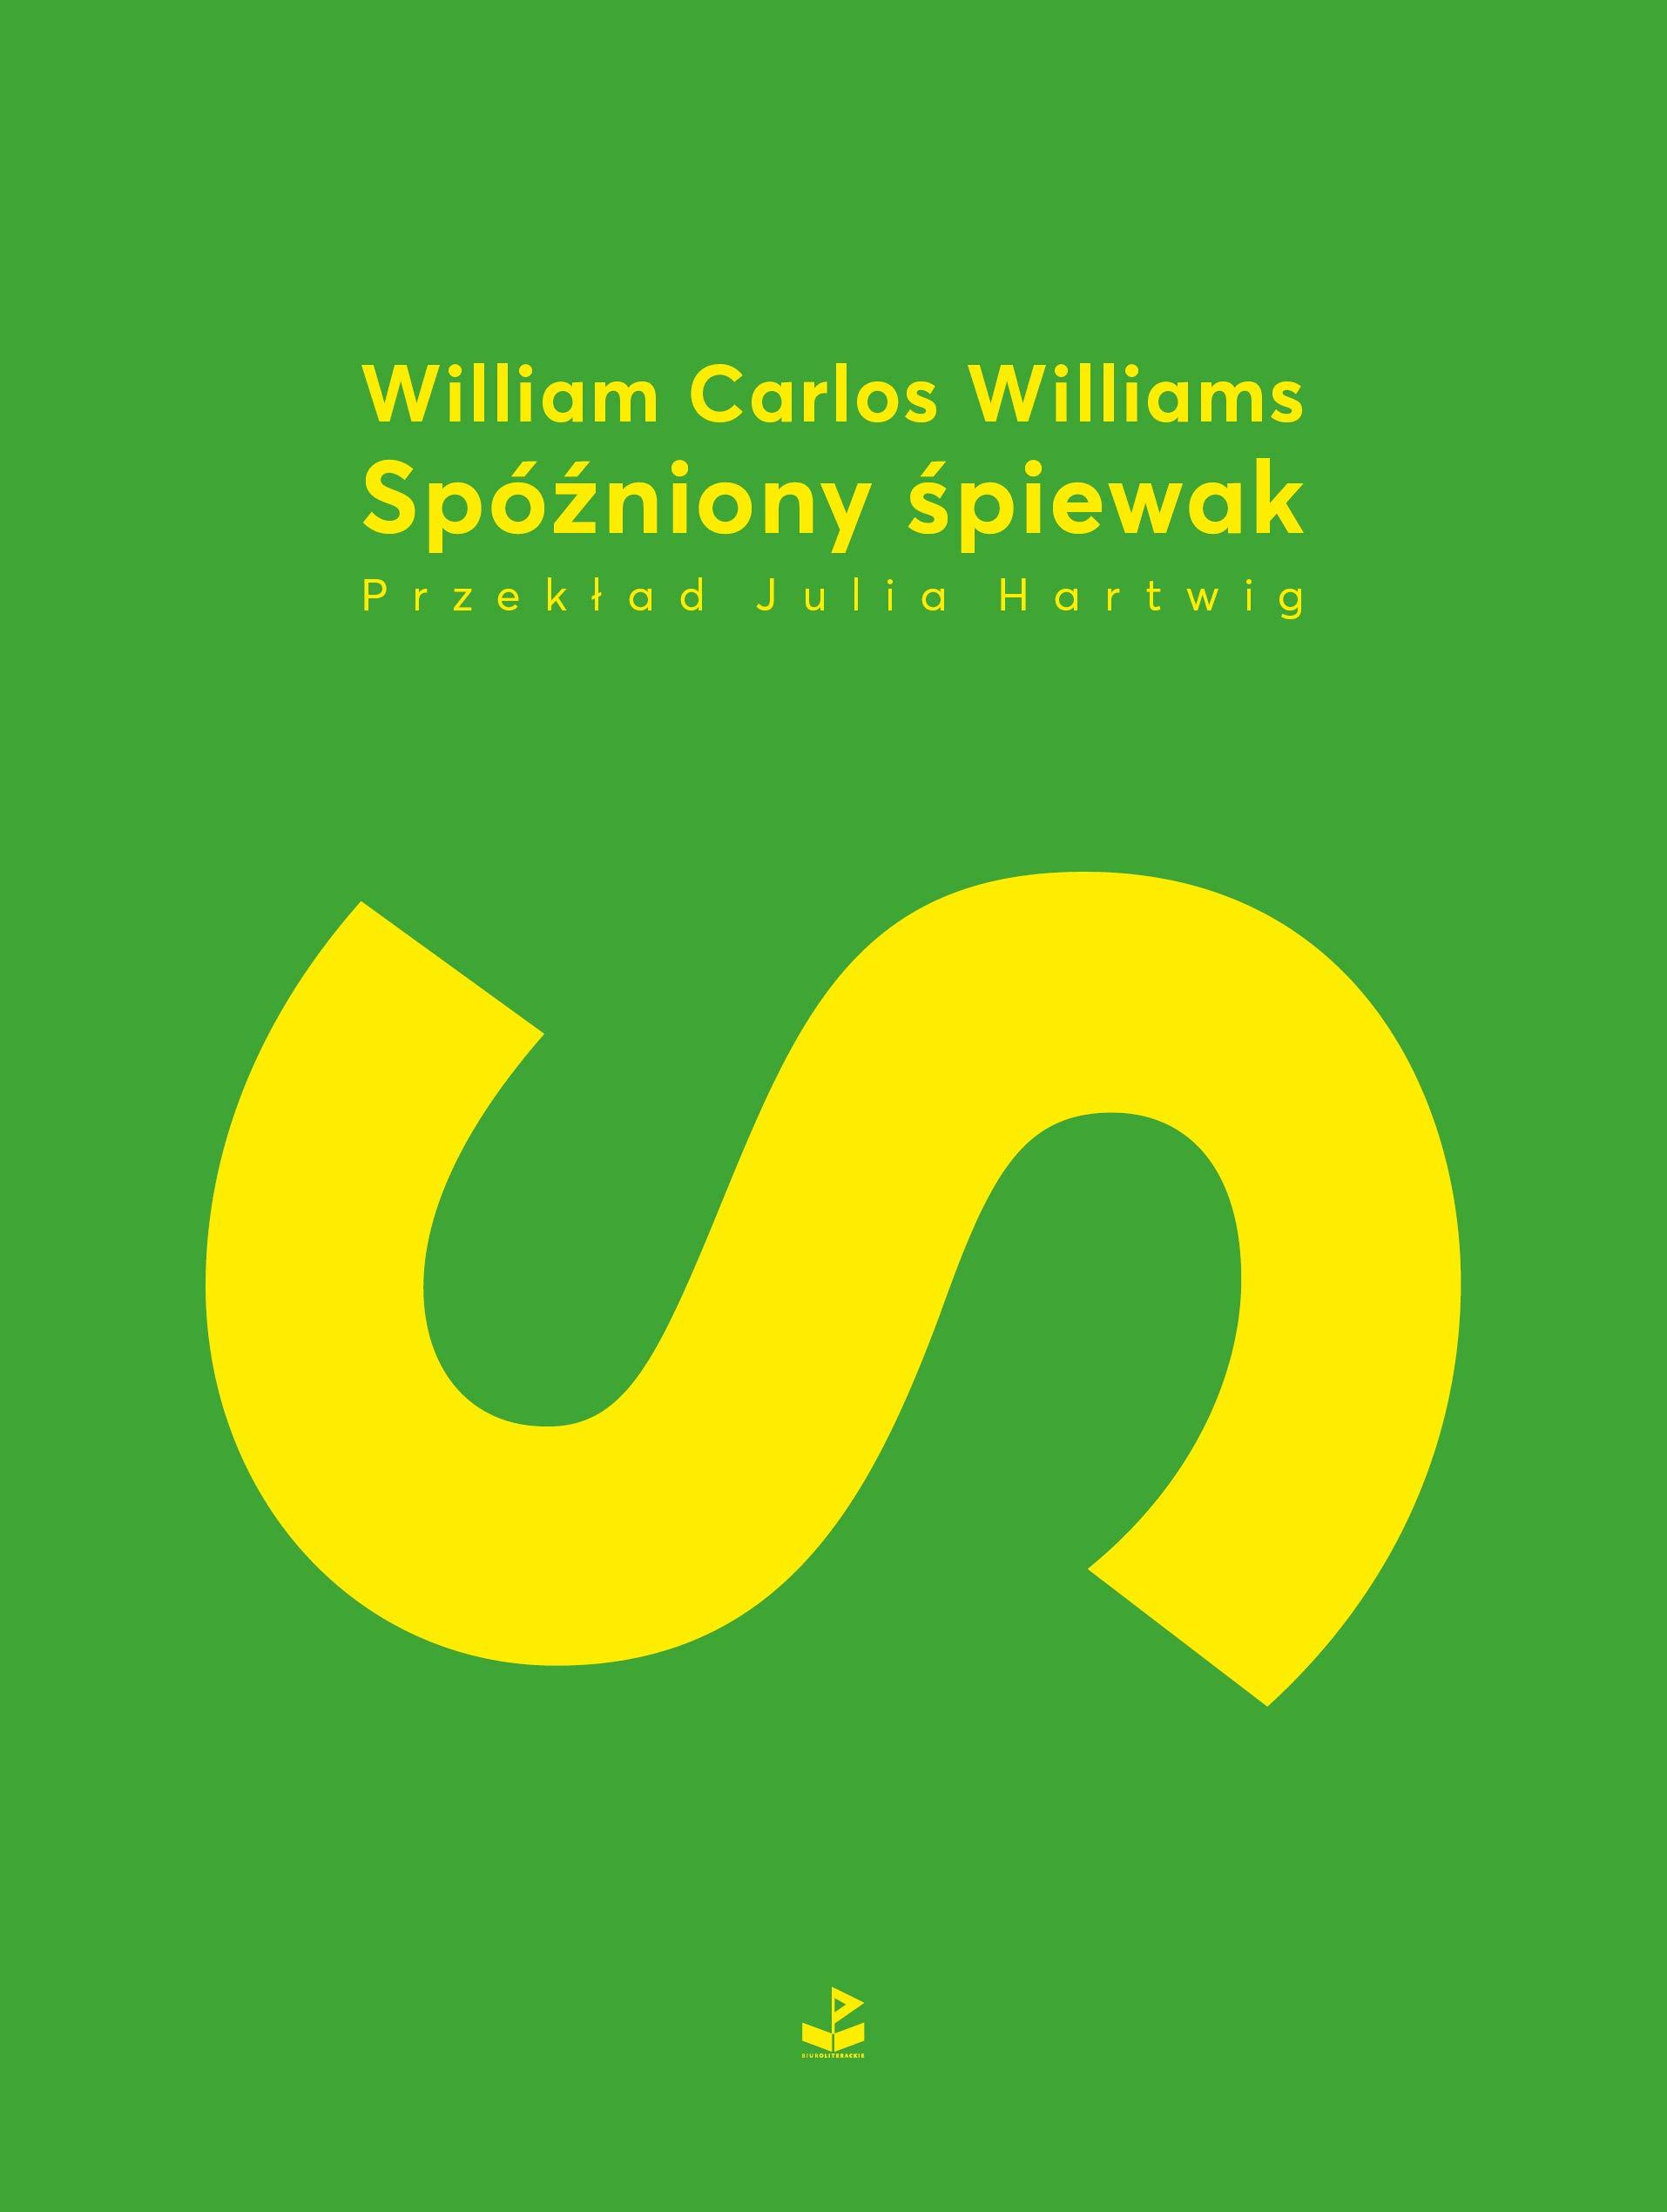 Spózniony Spiewak Amazones William Carlos Williams